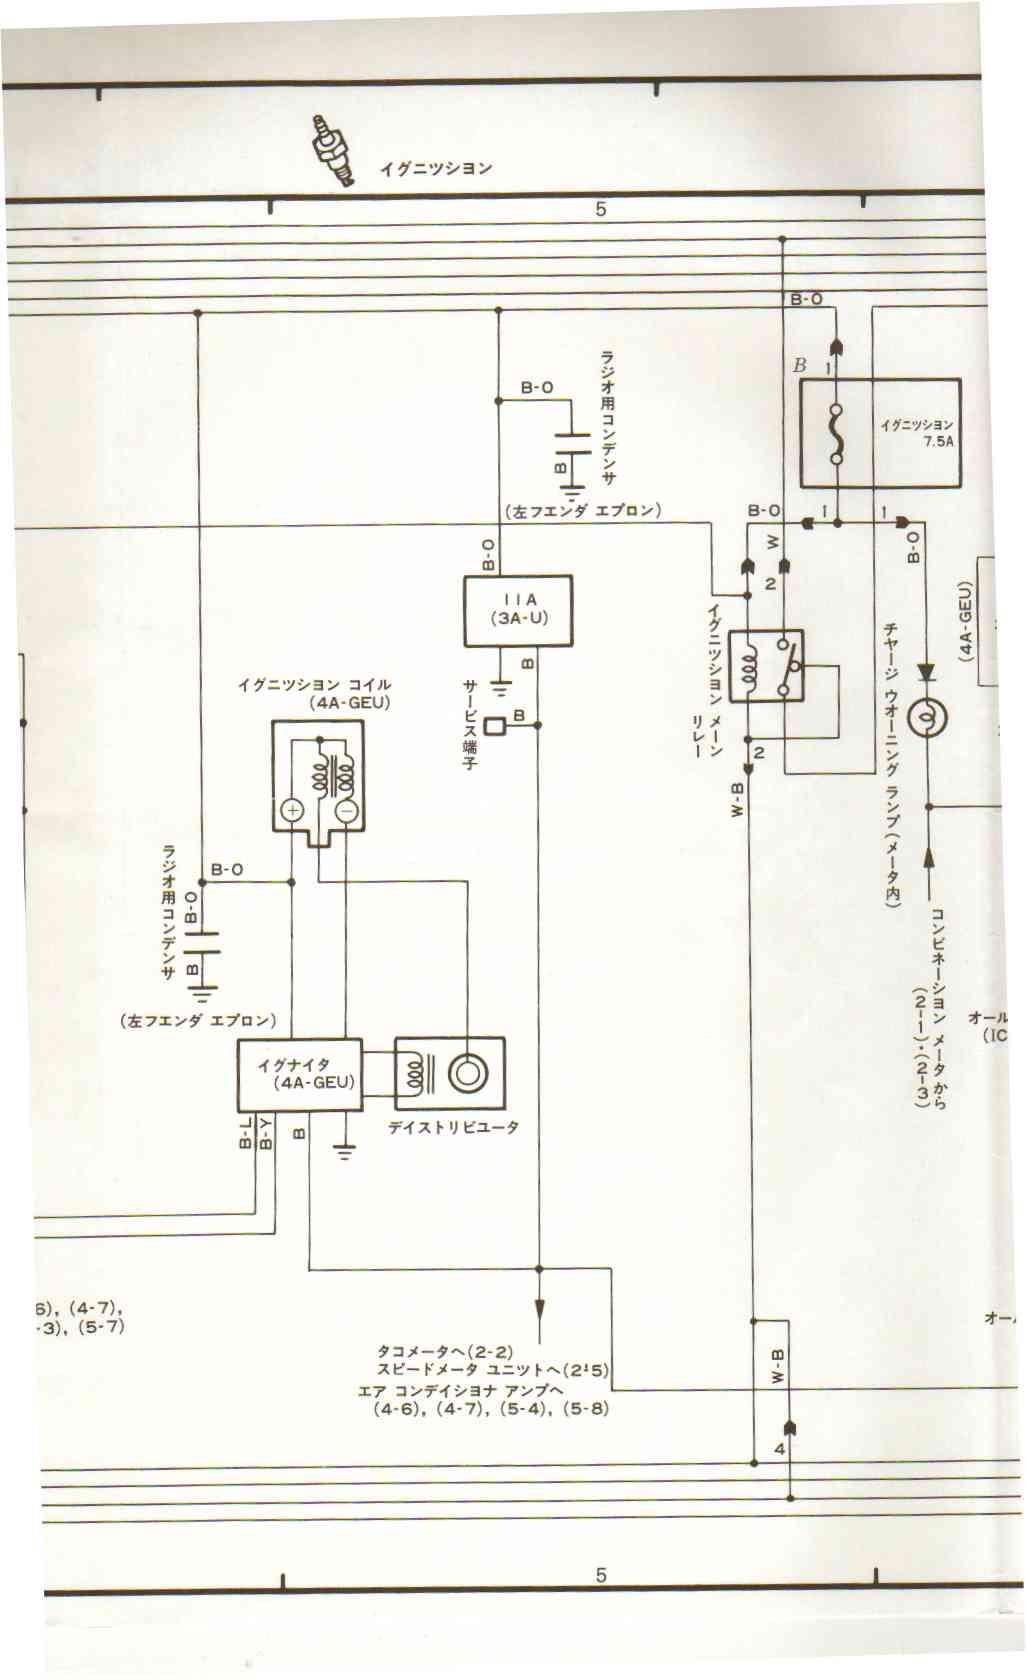 Ae86 Wiring Diagram : Club ag a ge v japan ae ecu pin identification